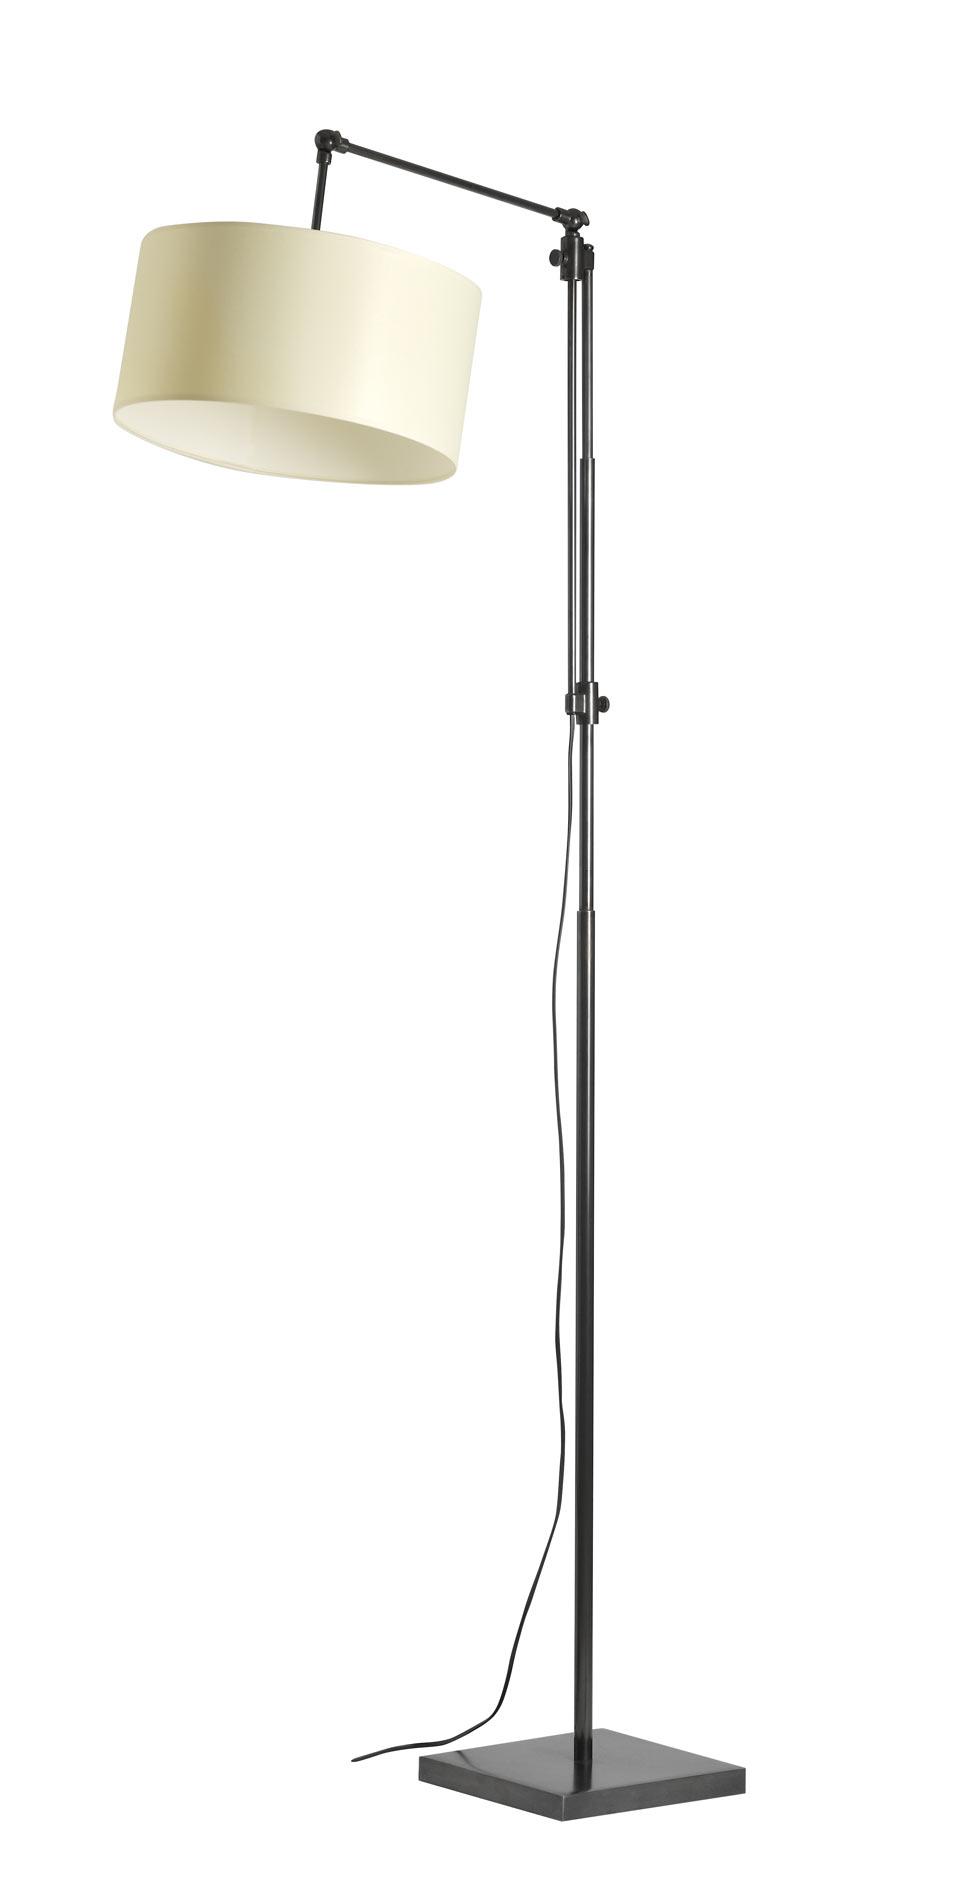 Grand lampadaire liseuse potence abat-jour rond métal patiné noir LD30. Casadisagne.